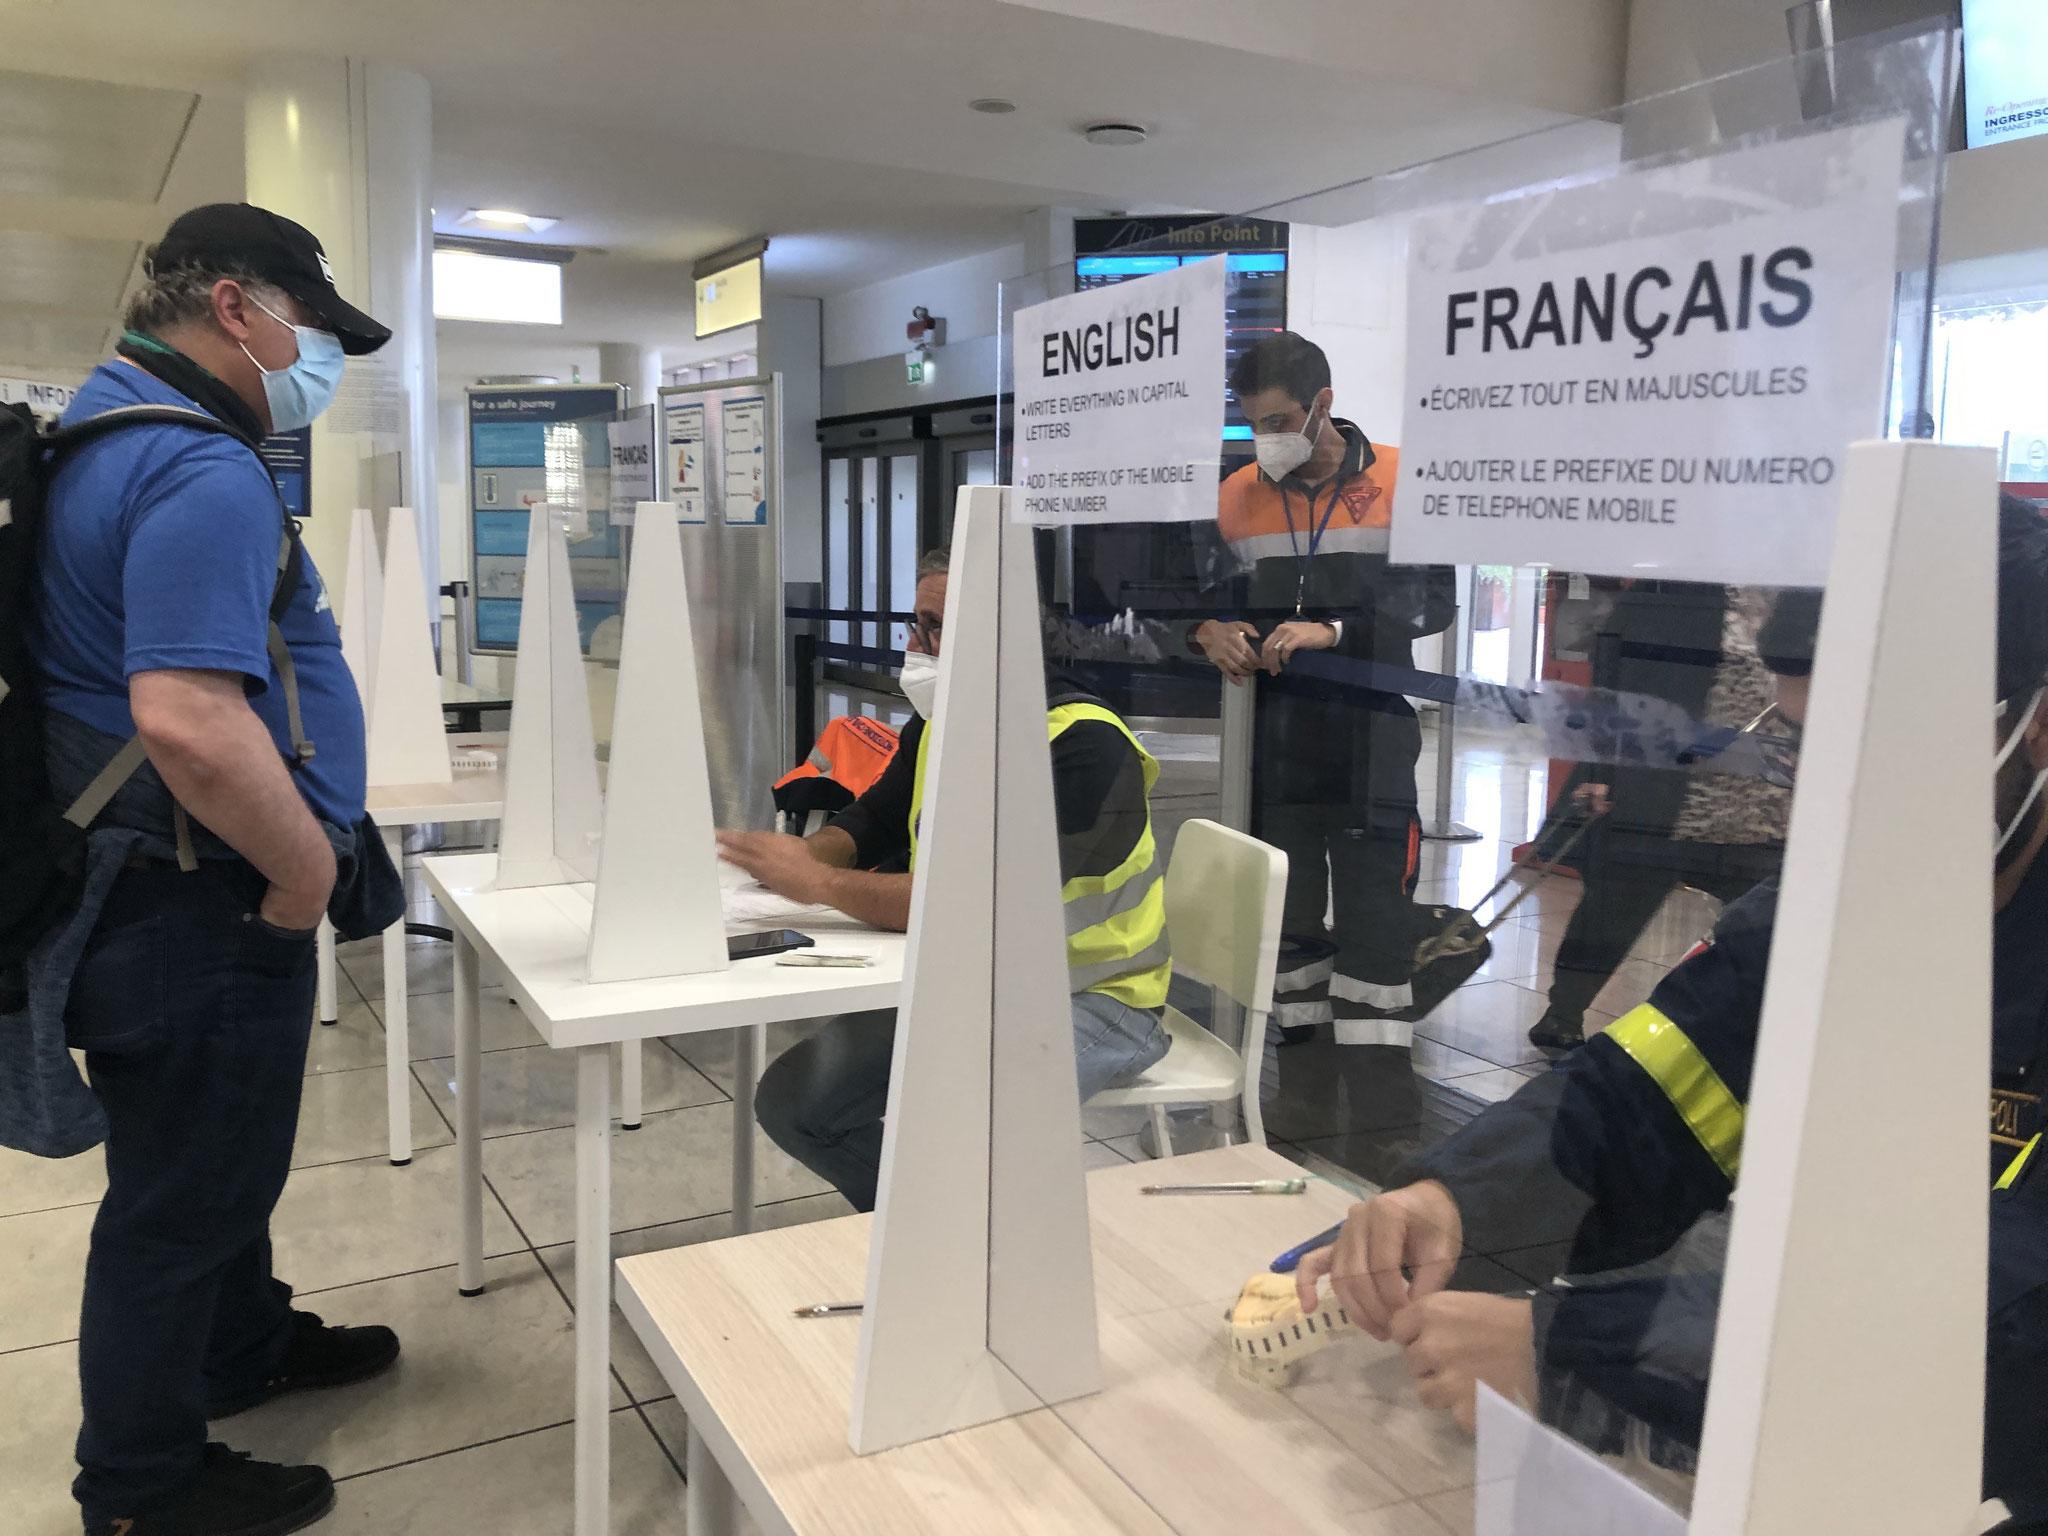 ナポリ空港:現在はフランス、スペイン、ギリシア、パキスタンなどの国に滞在した人のみが必須のPCR検査